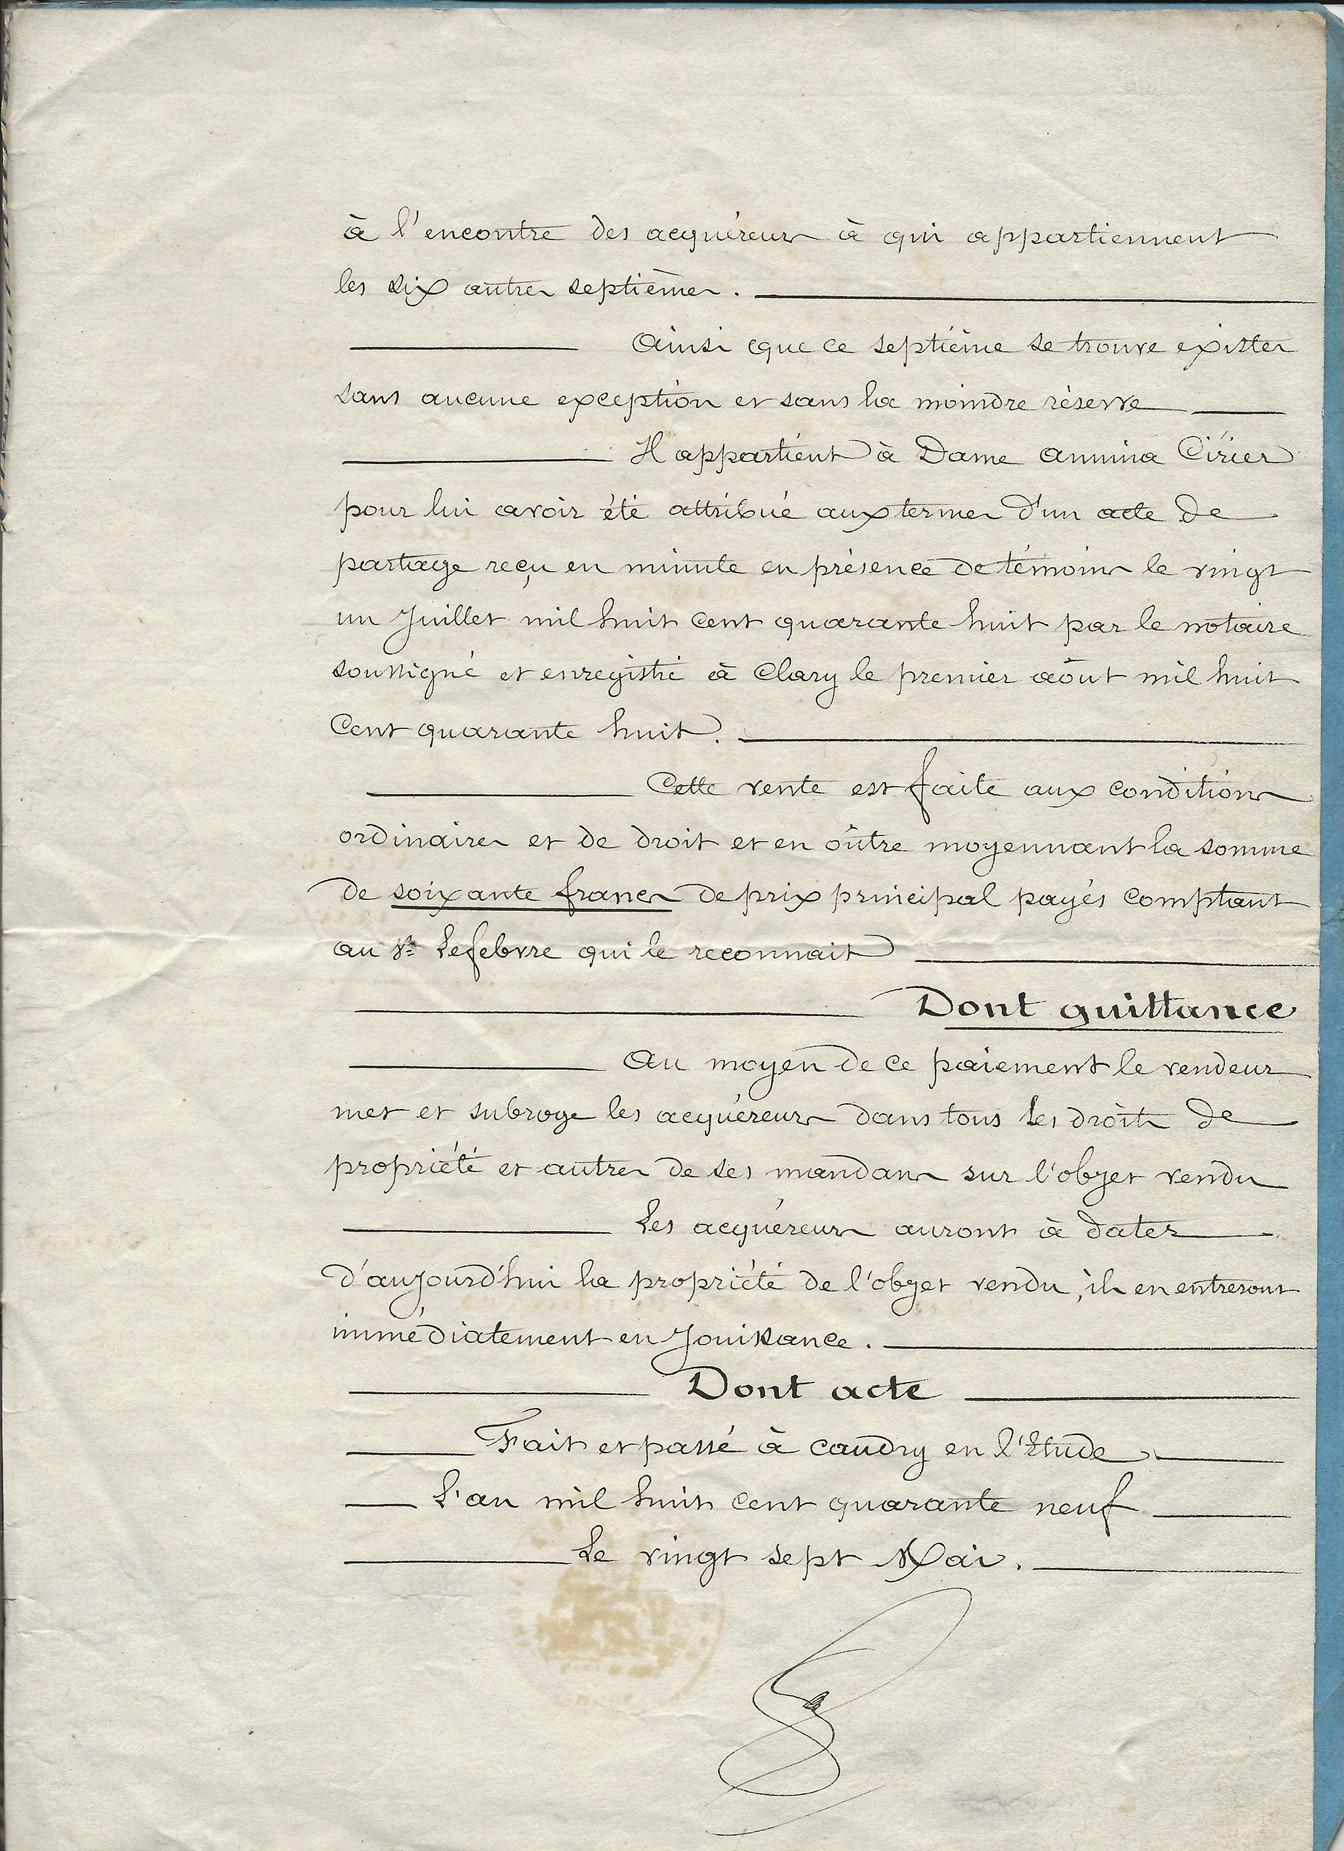 1849 vente terrrain amina ciriez a ses freres et soeurs 003